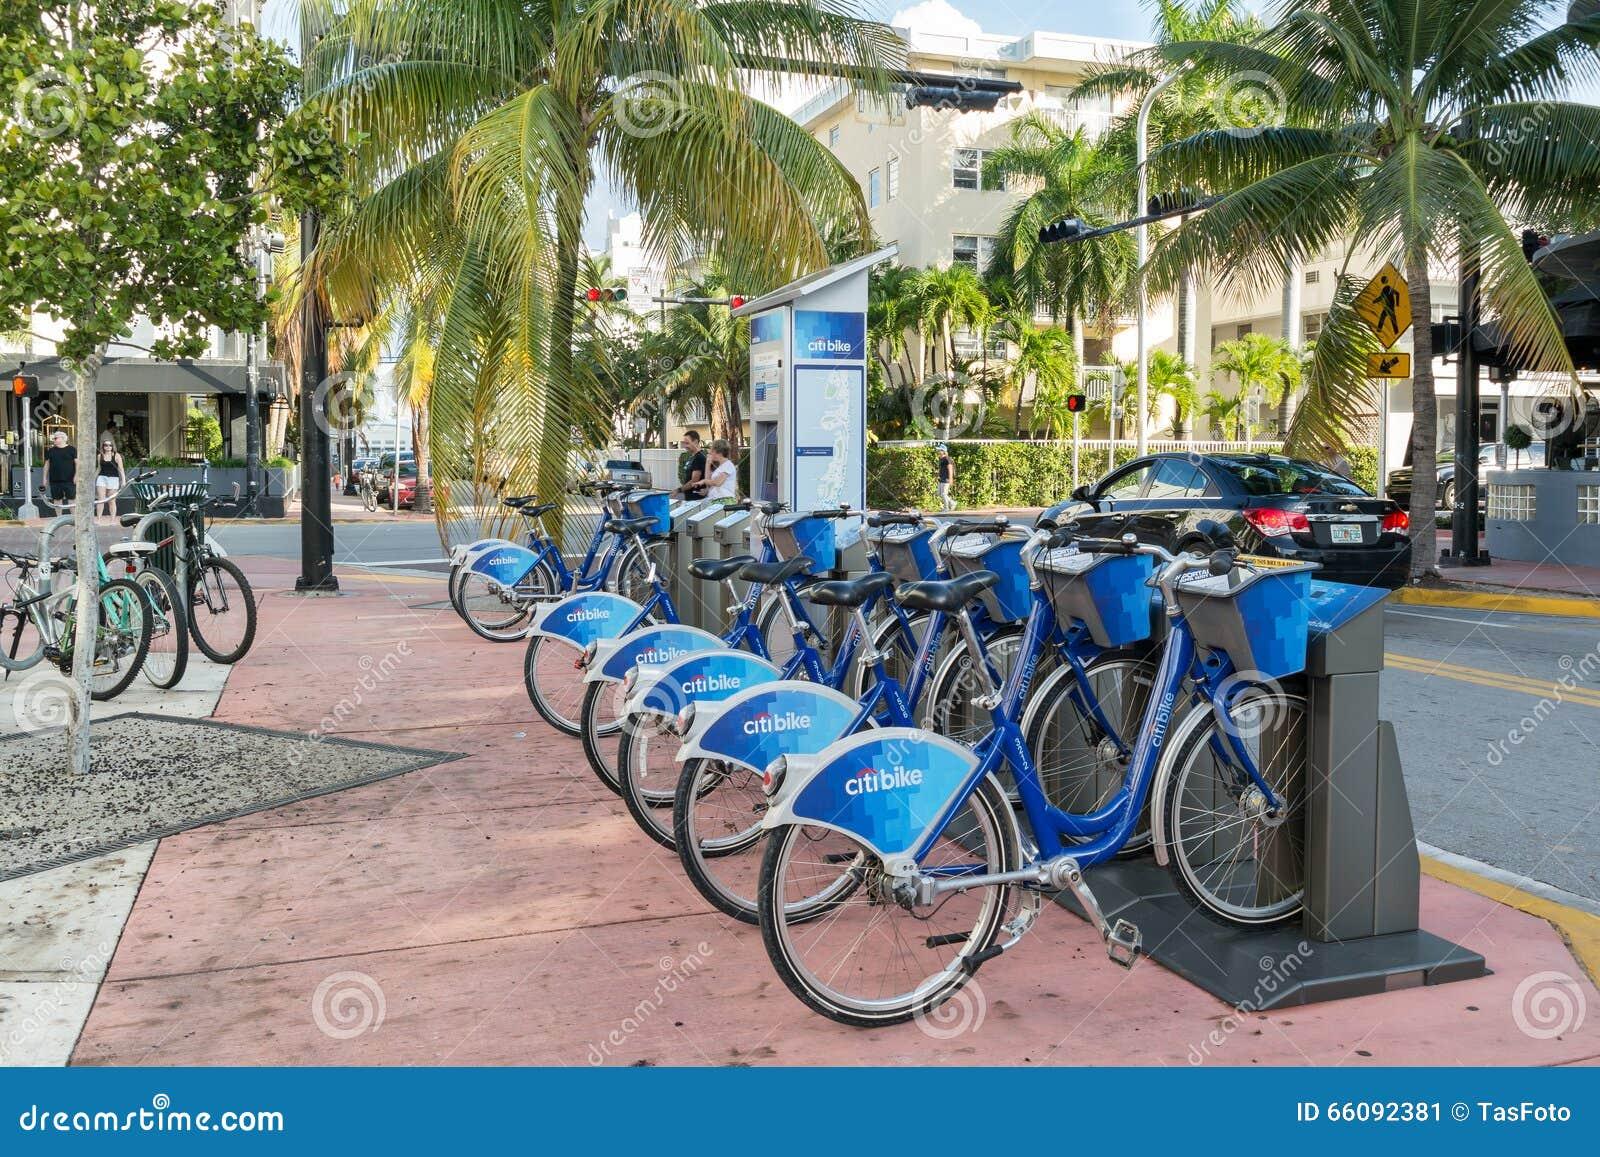 Citi Bike Miami >> City Bike Station In Miami Beach Florida Editorial Photo